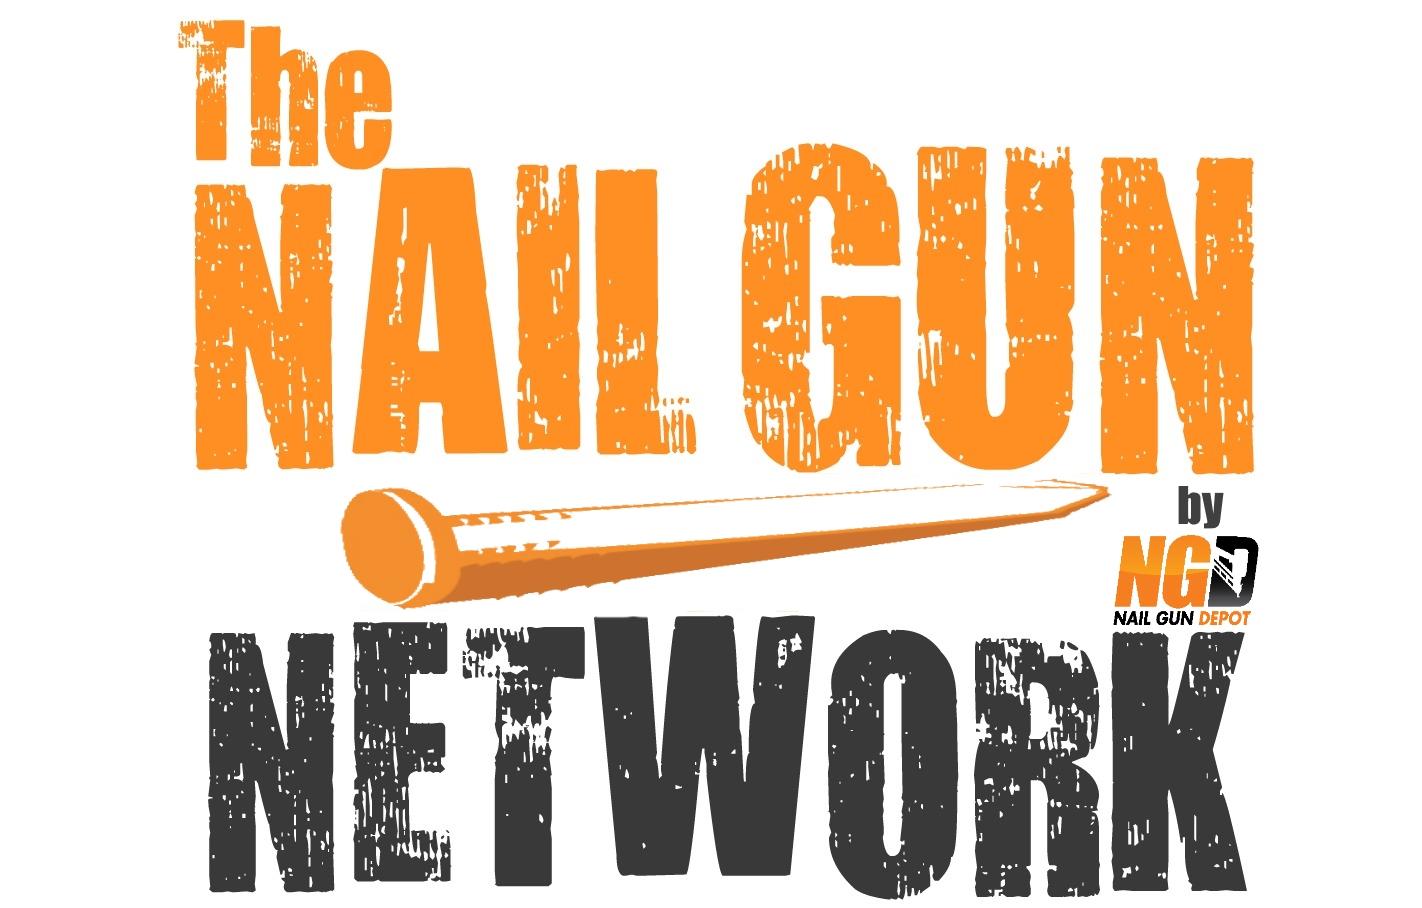 Nail Gun Network Logo